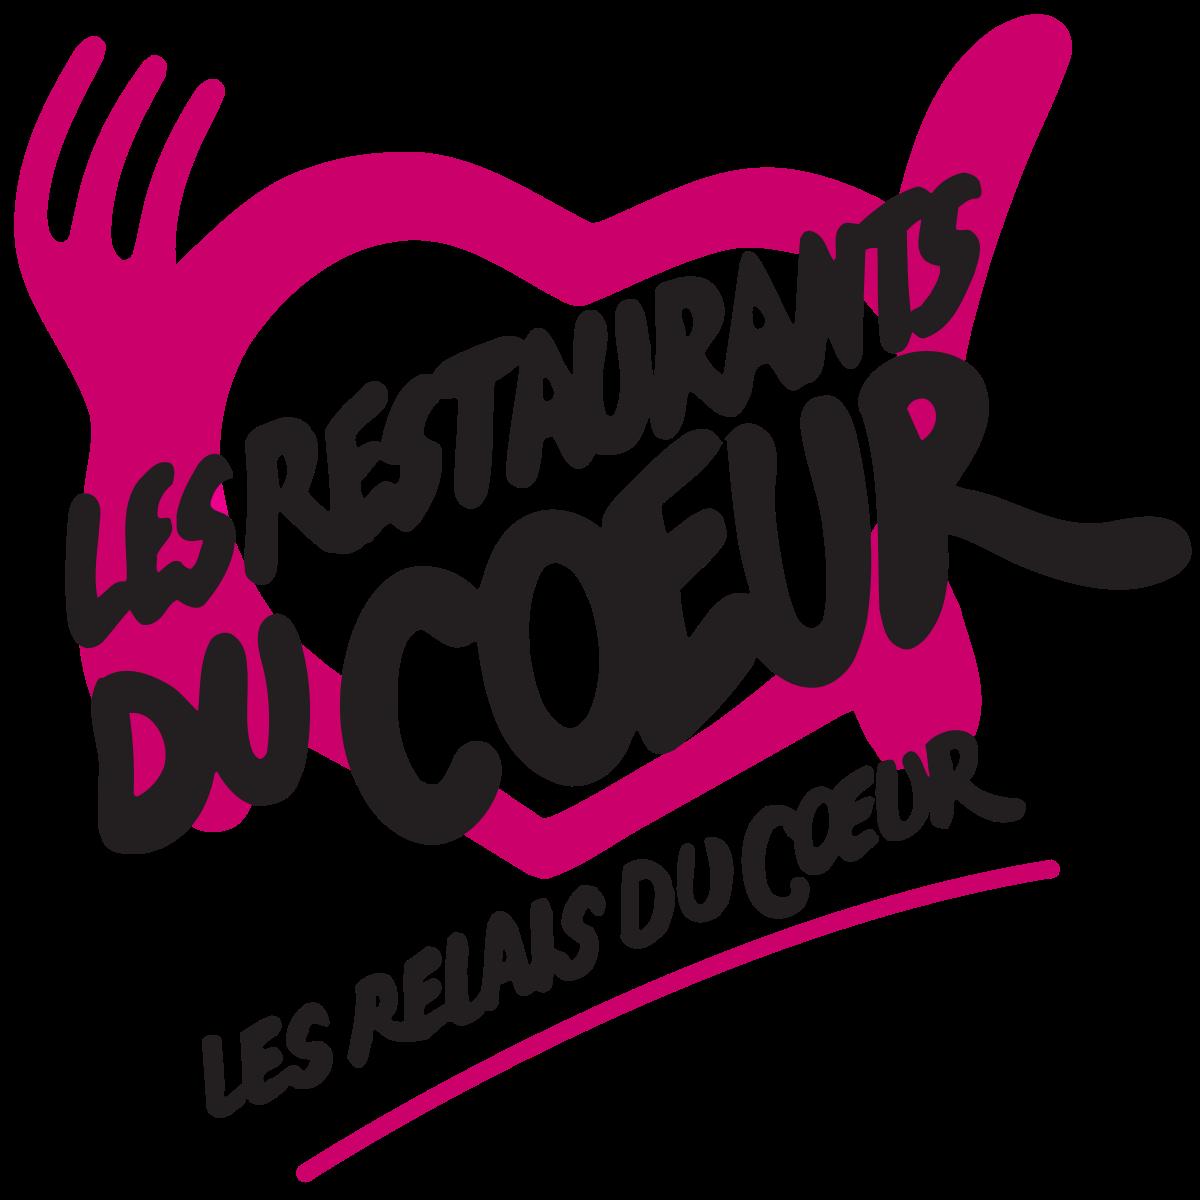 Restos_du_coeur.png